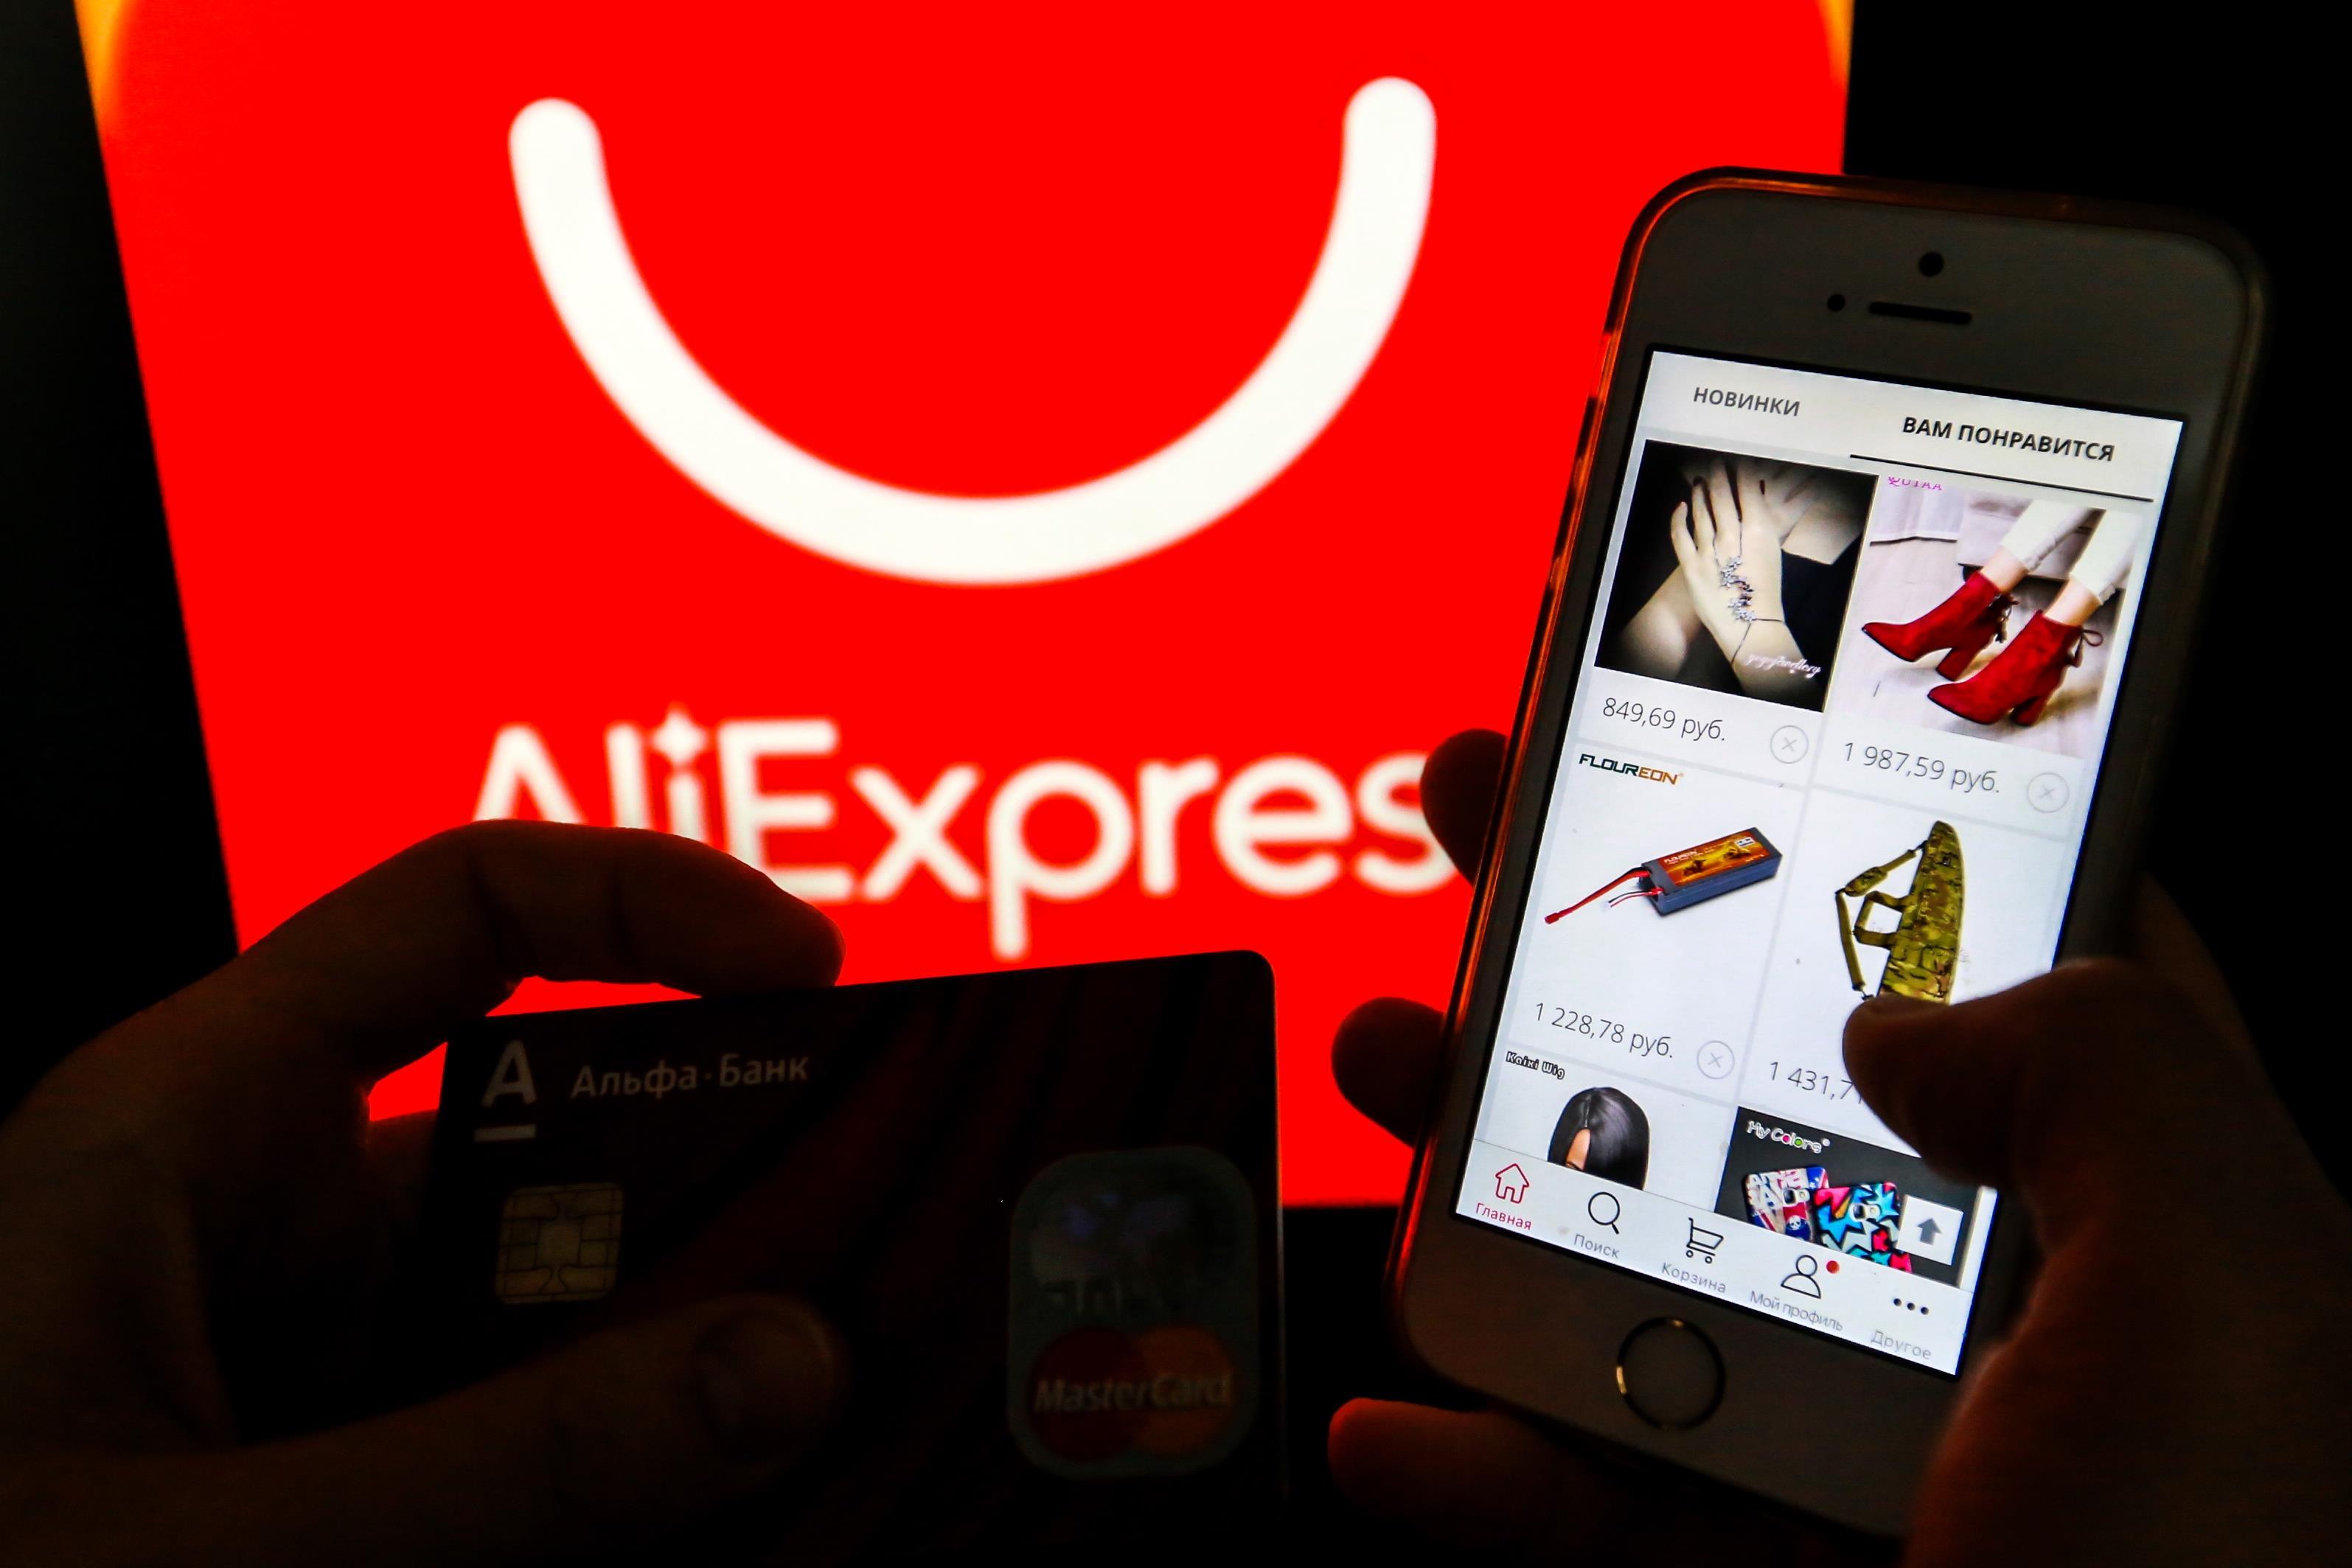 Ali Express najlepsze oferty. Zakupy w internecie. E-handel. -  Społeczeństwo - Newsweek.pl bc4d81c5d83